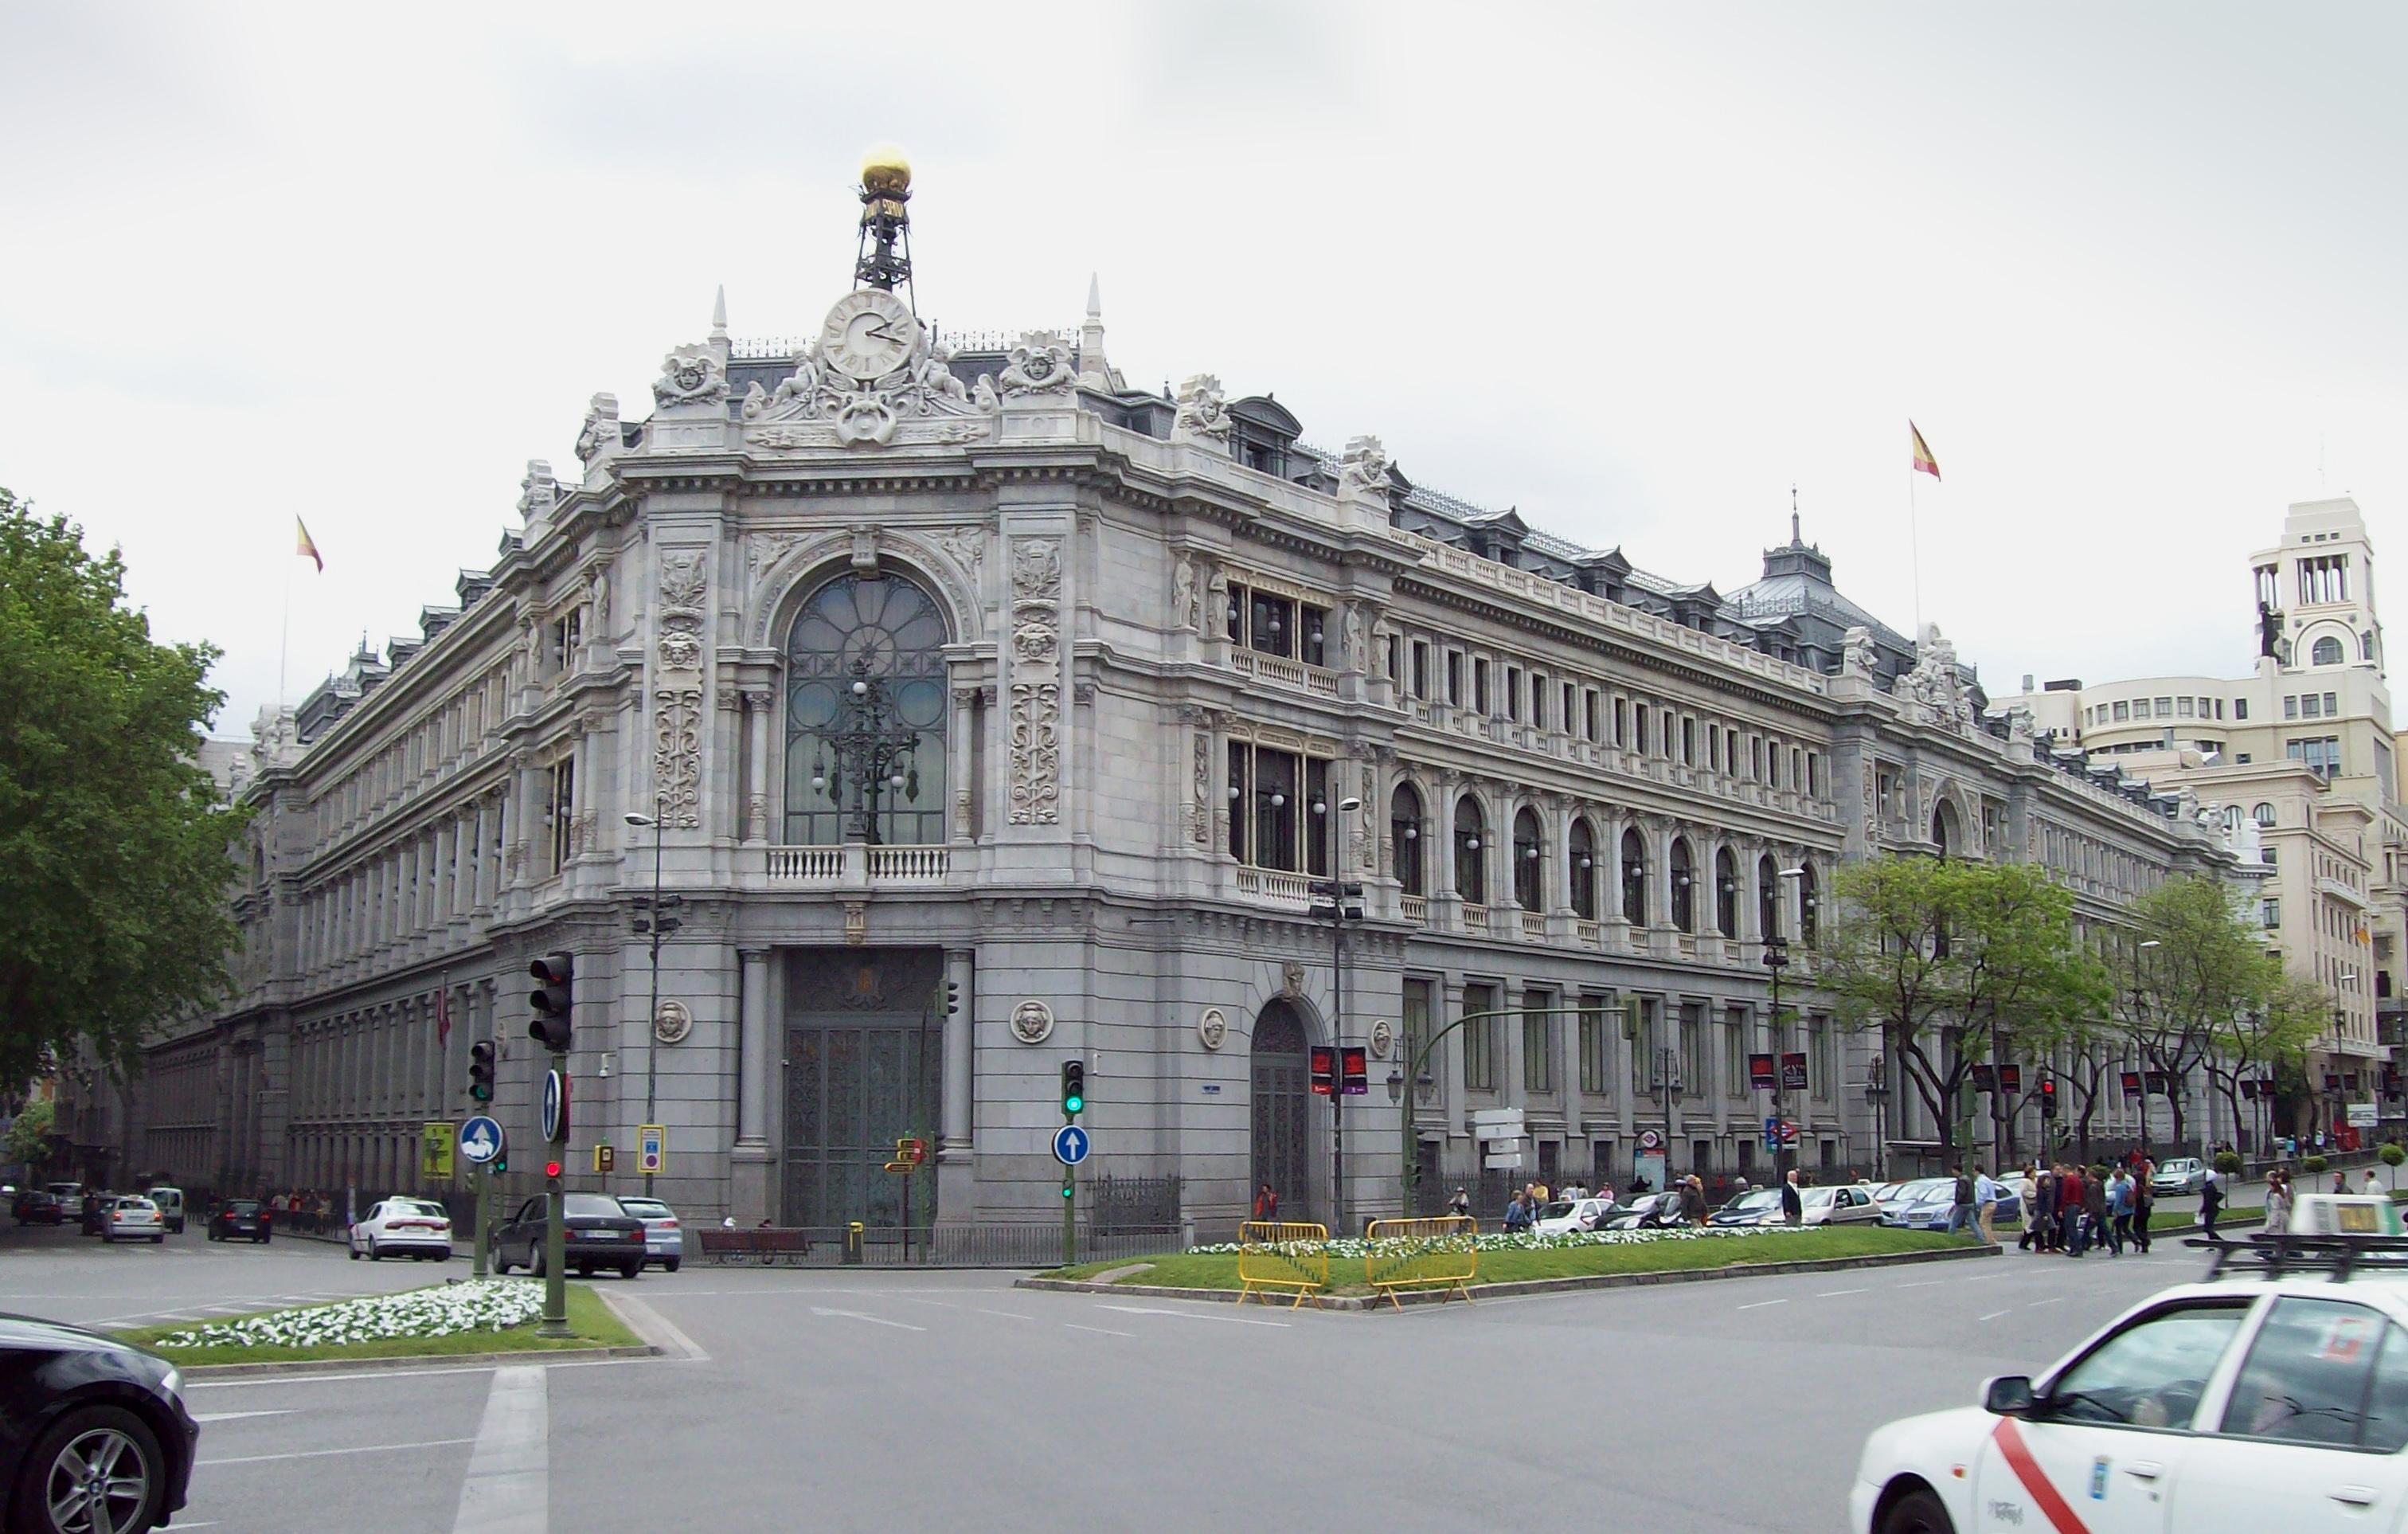 ペーパーハウス ロケ地:スペイン中央銀行、マドリッド